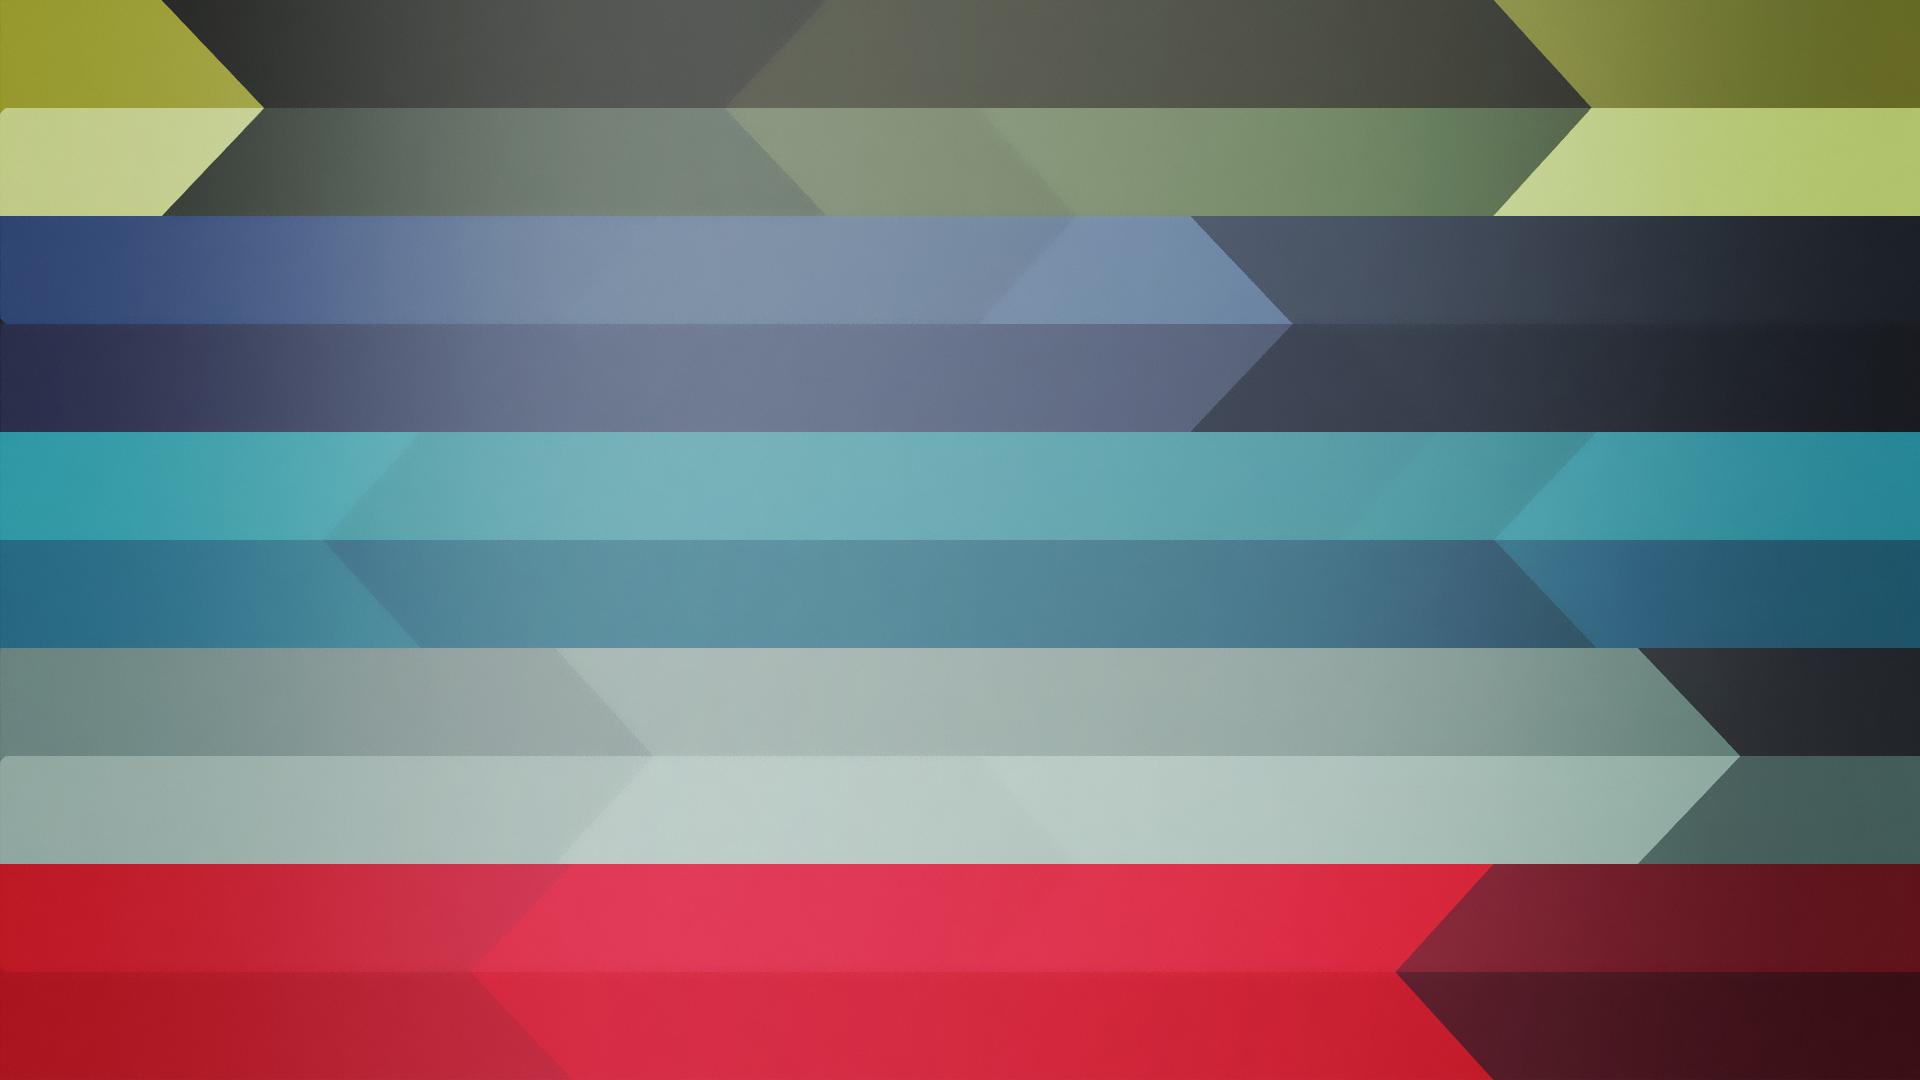 Fuentes de Informacin   Wallpapers [HD] 1920x1080